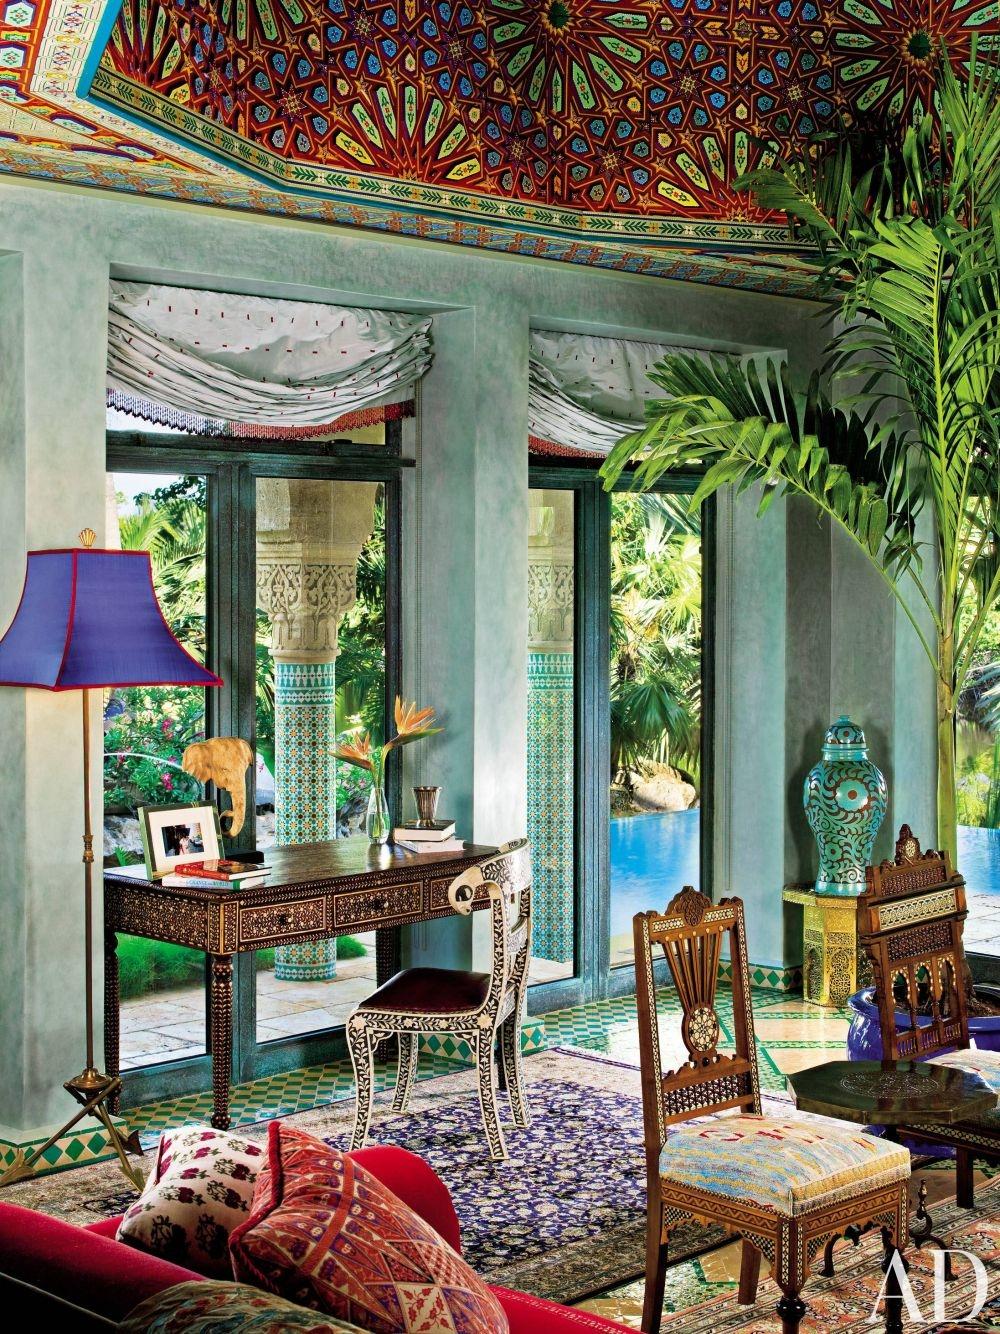 decoracao de interiores estilo marroquino : decoracao de interiores estilo marroquino:Encantamento de Marrocos na Sua Decoração